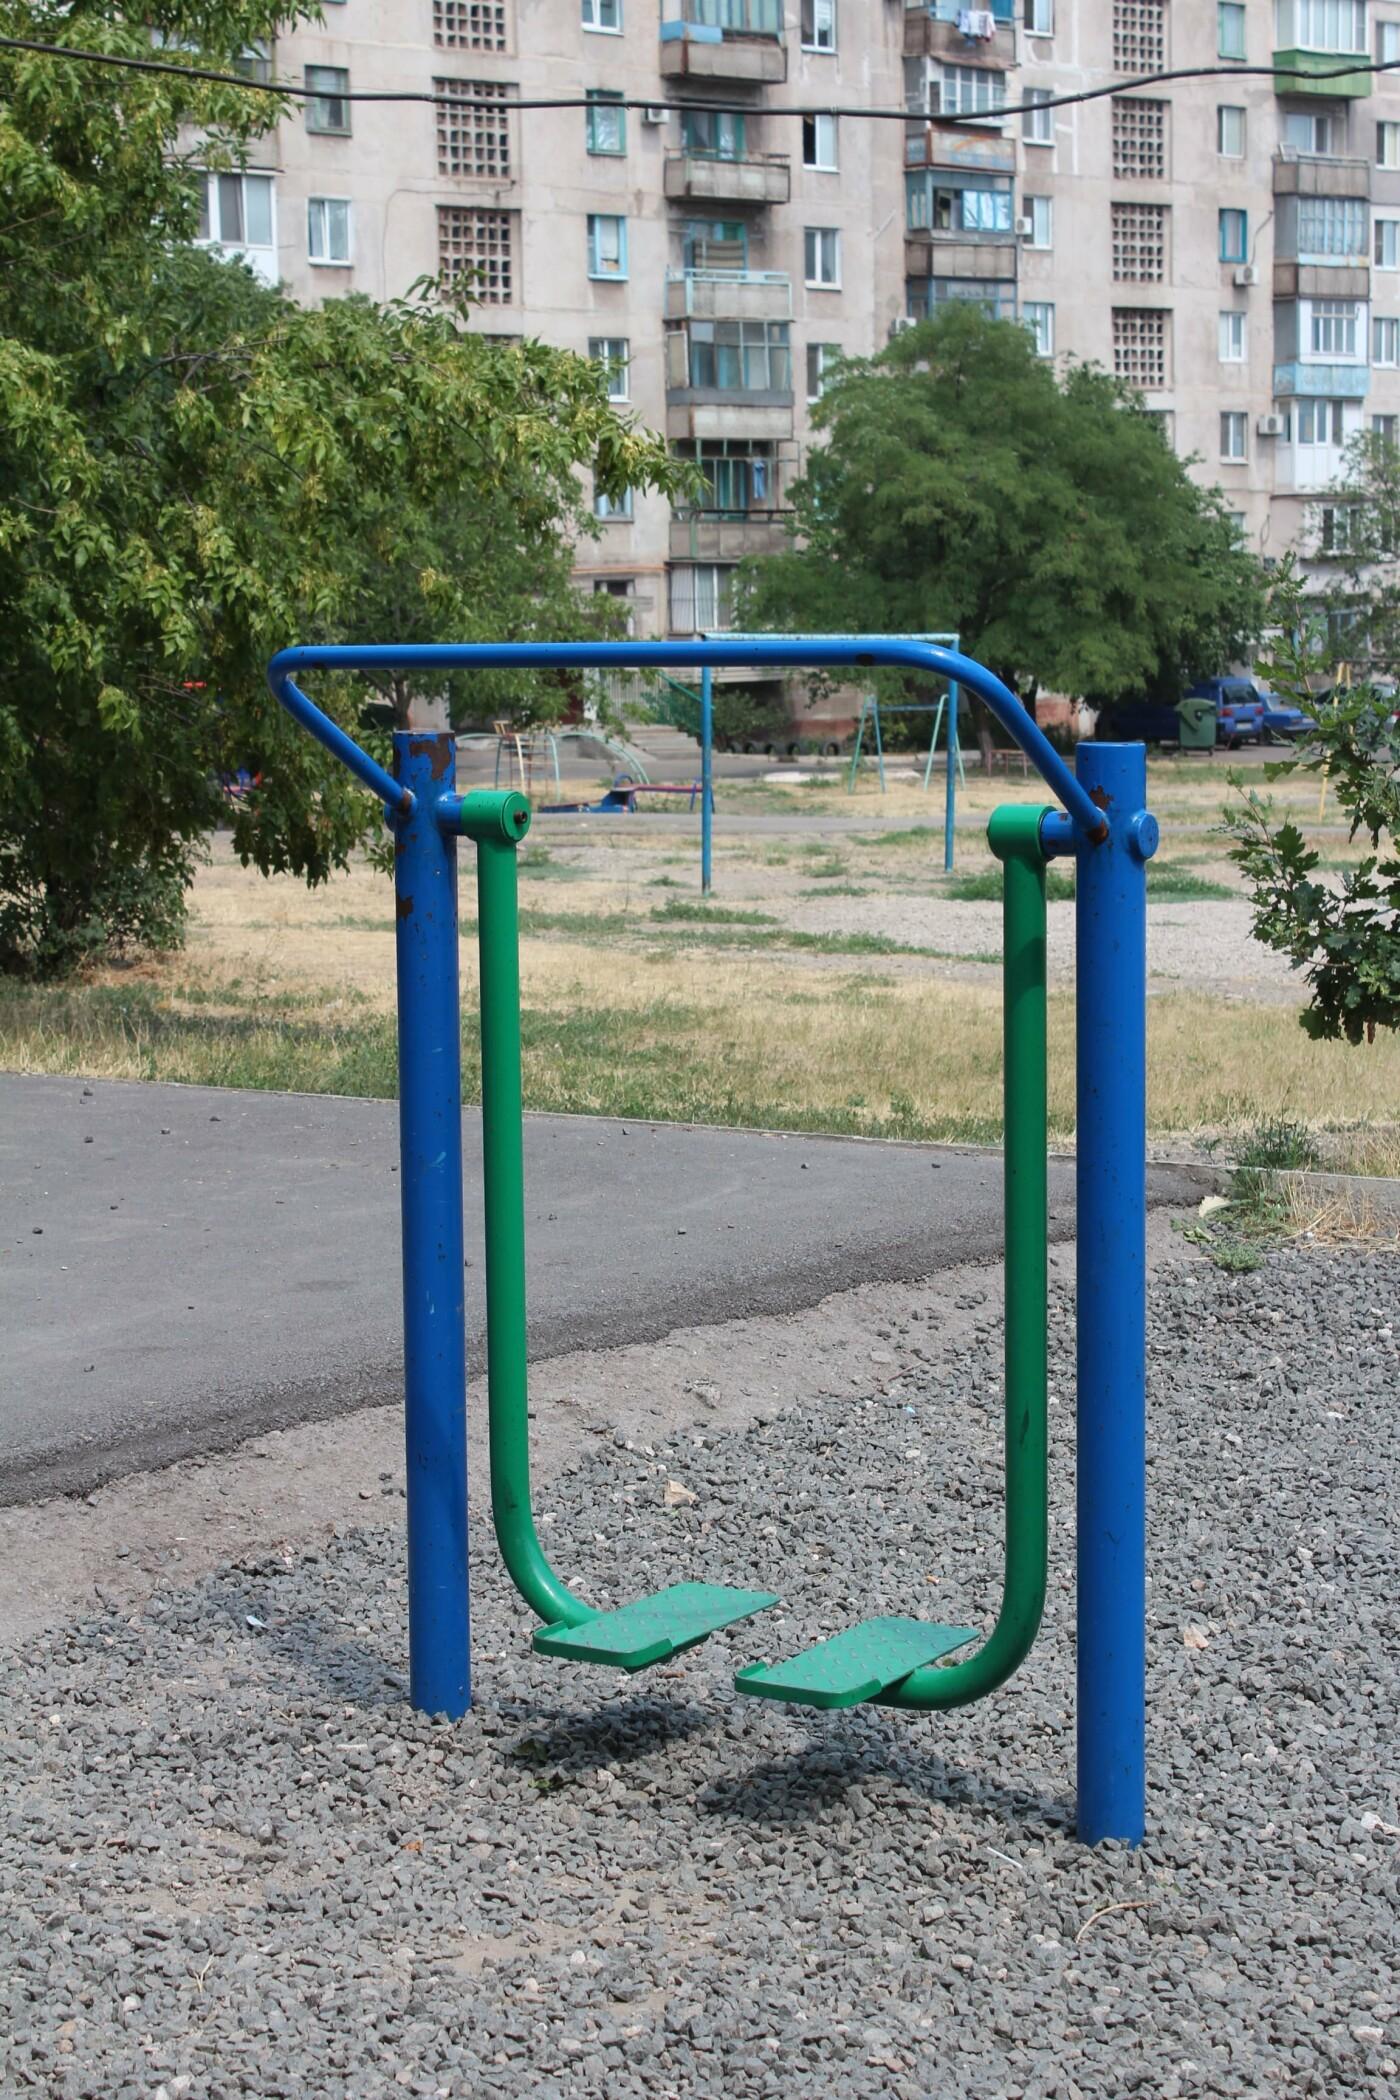 Наши дети – наше будущее. Обустройство детских и спортивных площадок в вашем городе, фото-5